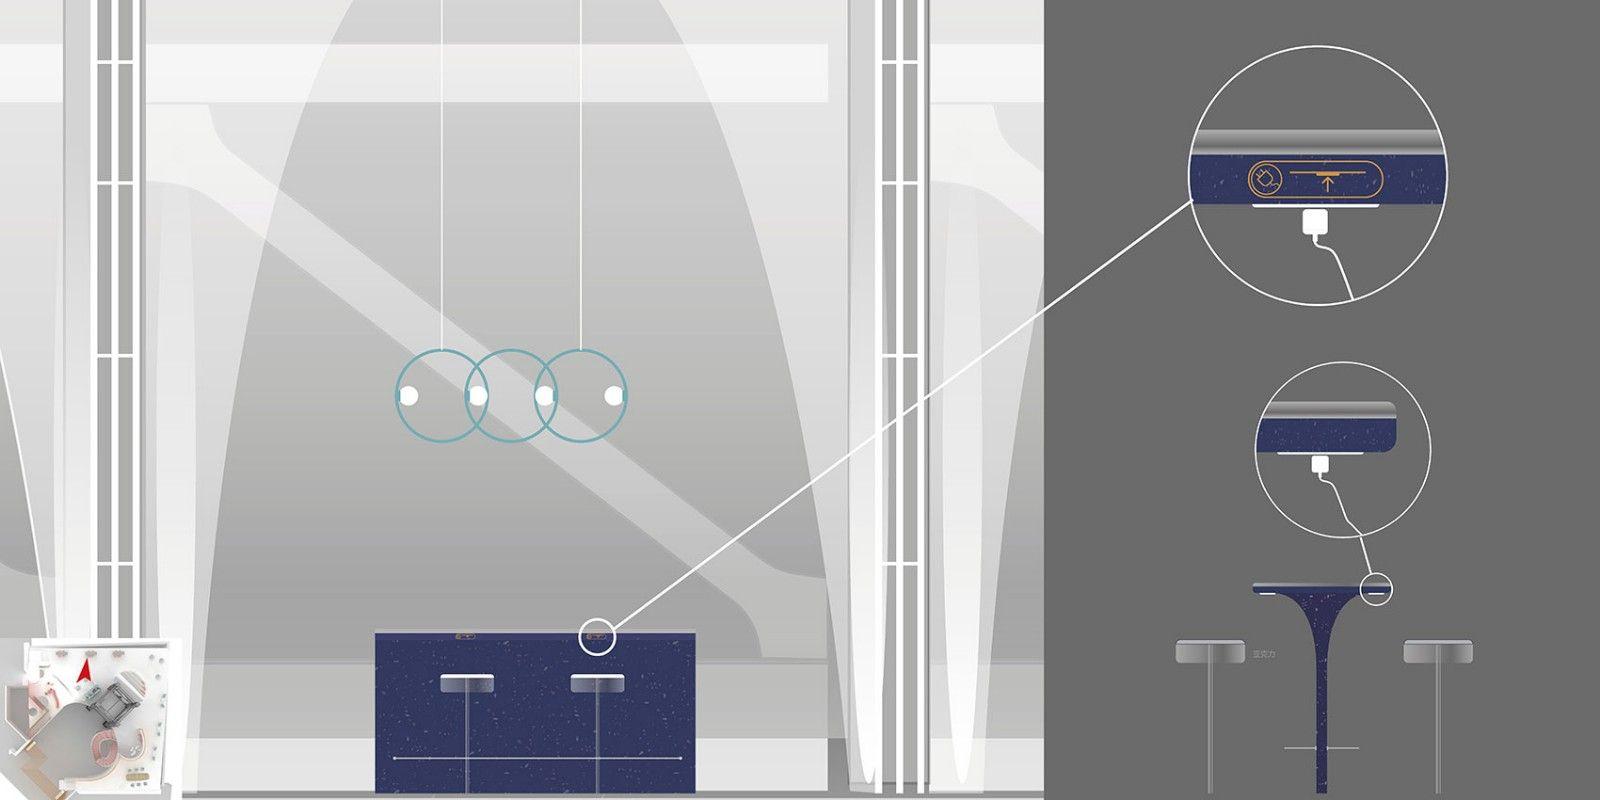 长风大悦城会员空间,上海 / 裸筑更新 裸筑更新建筑设计 - 32